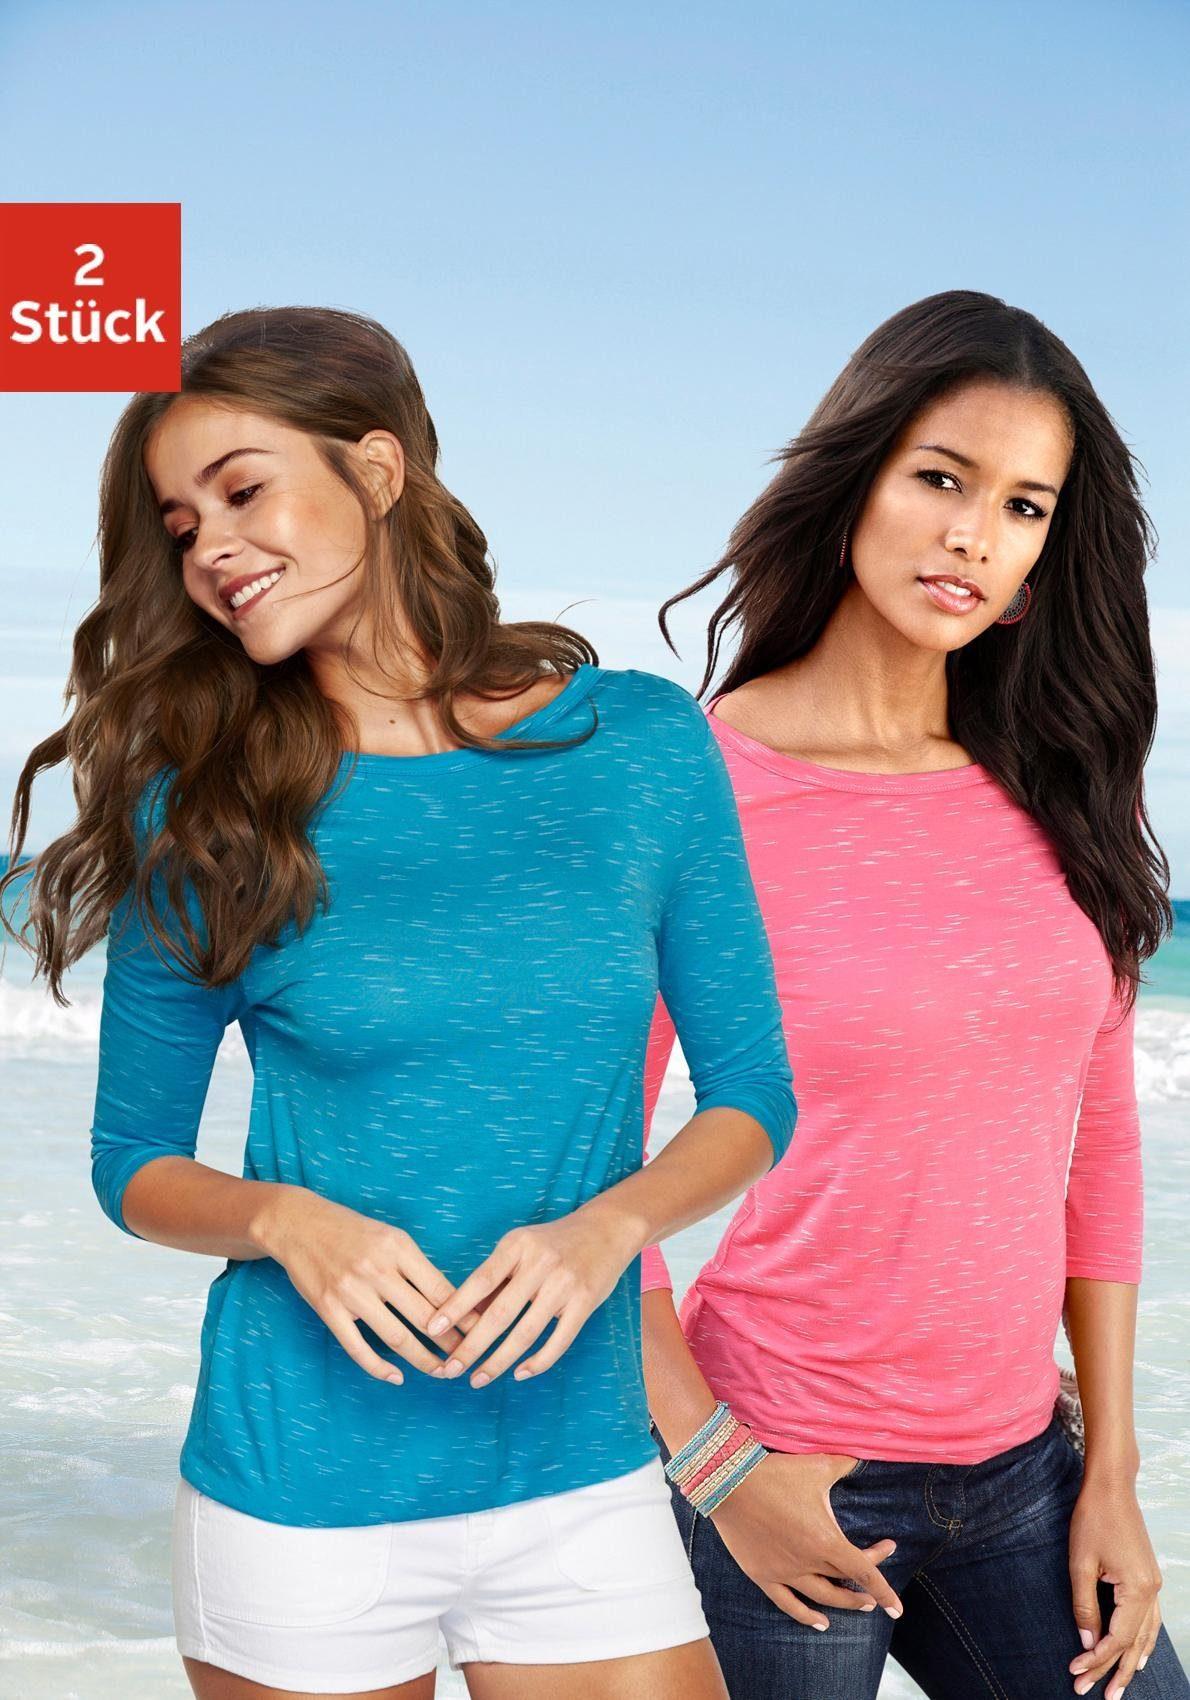 4 Kaufen Lascana 3 shirt2er Schulterraffung Online arm packMit c354jqSARL